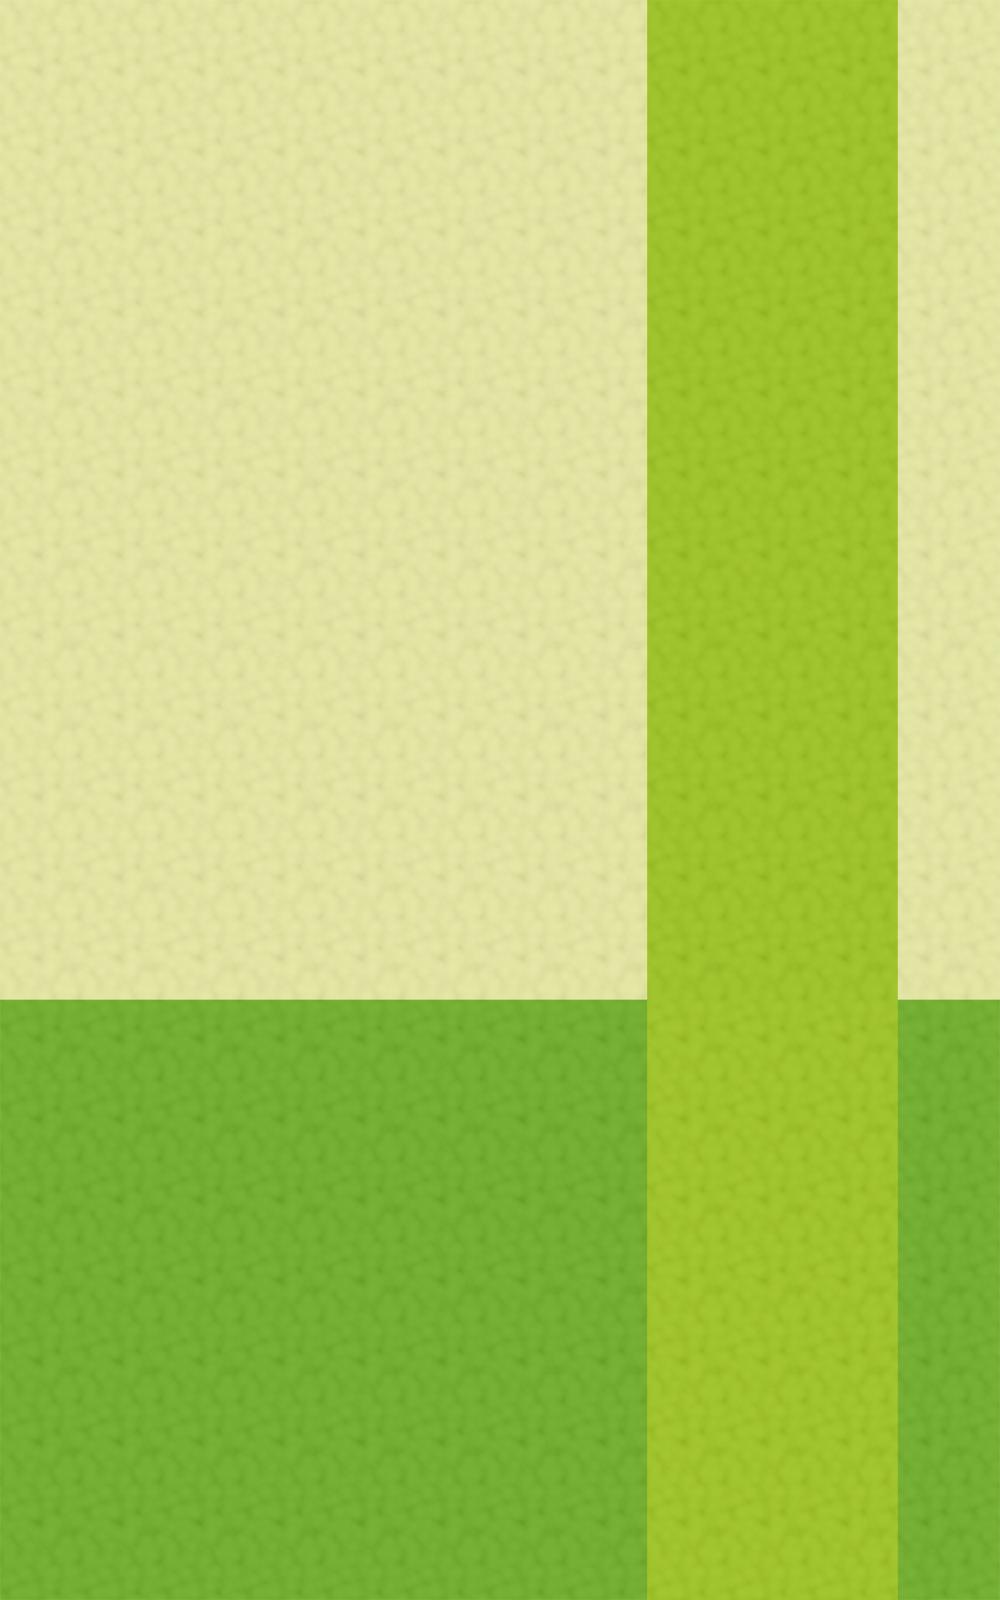 和紙風の表紙画像(2-i)